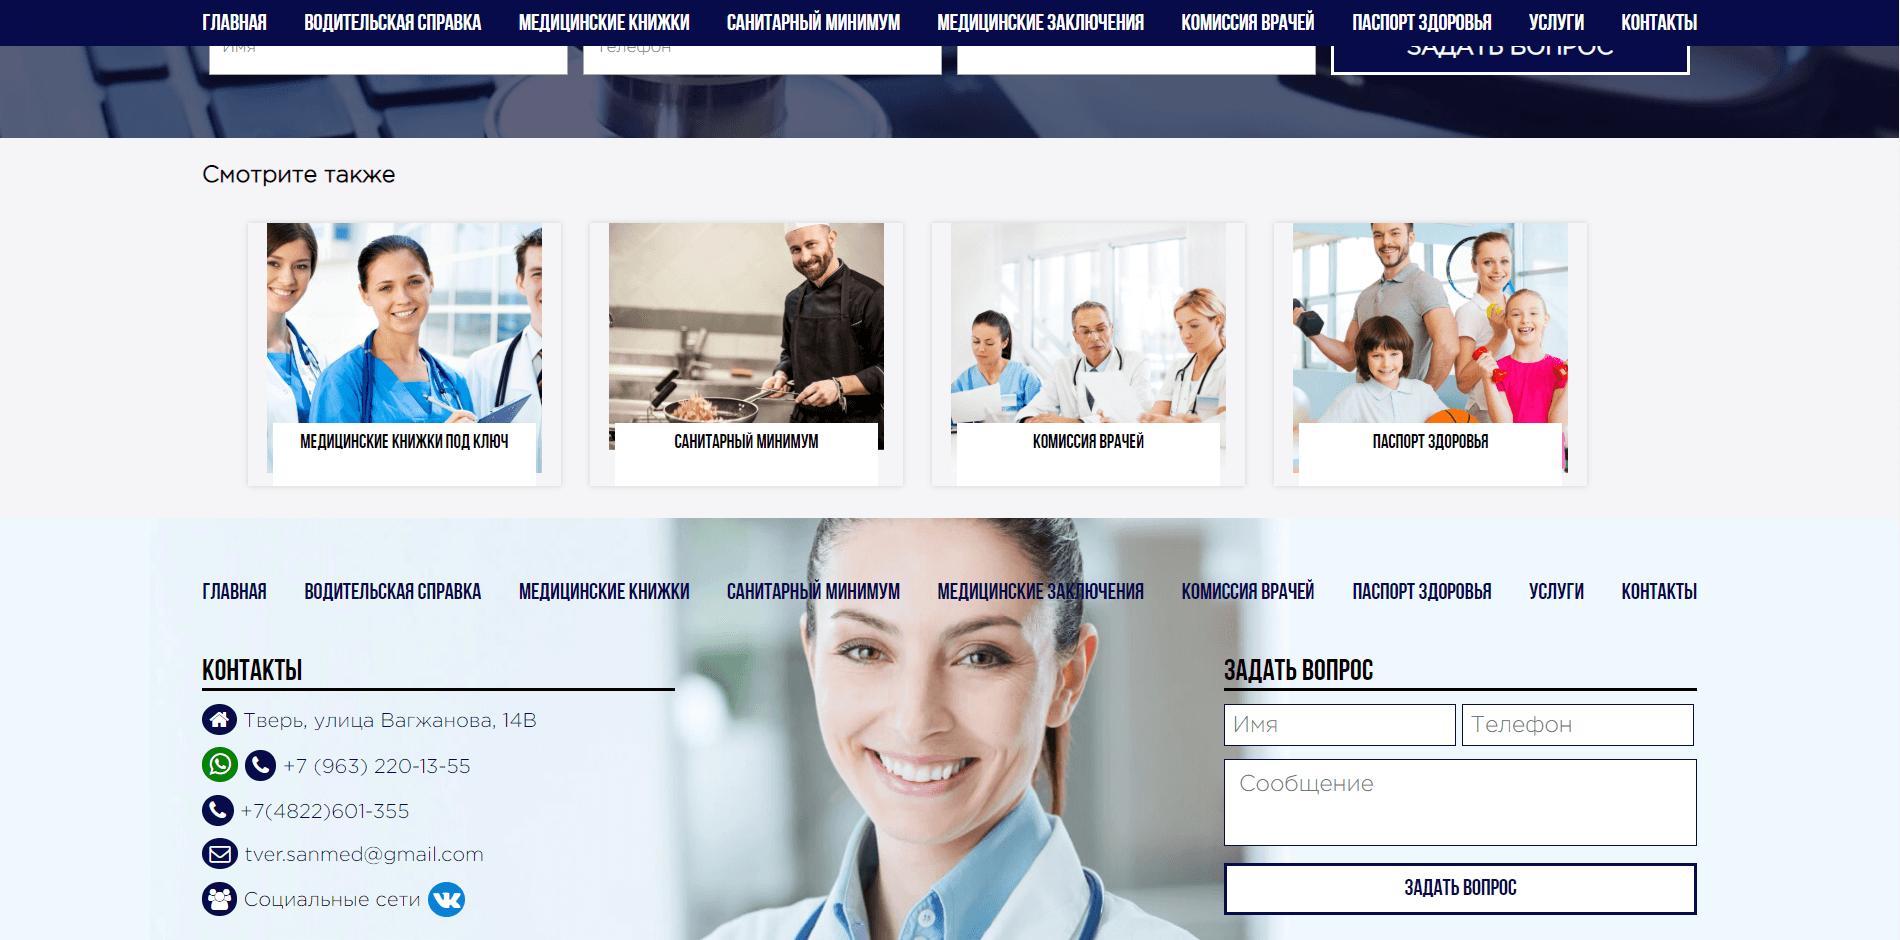 Создание сайта справка создания сайта без программирования joomla